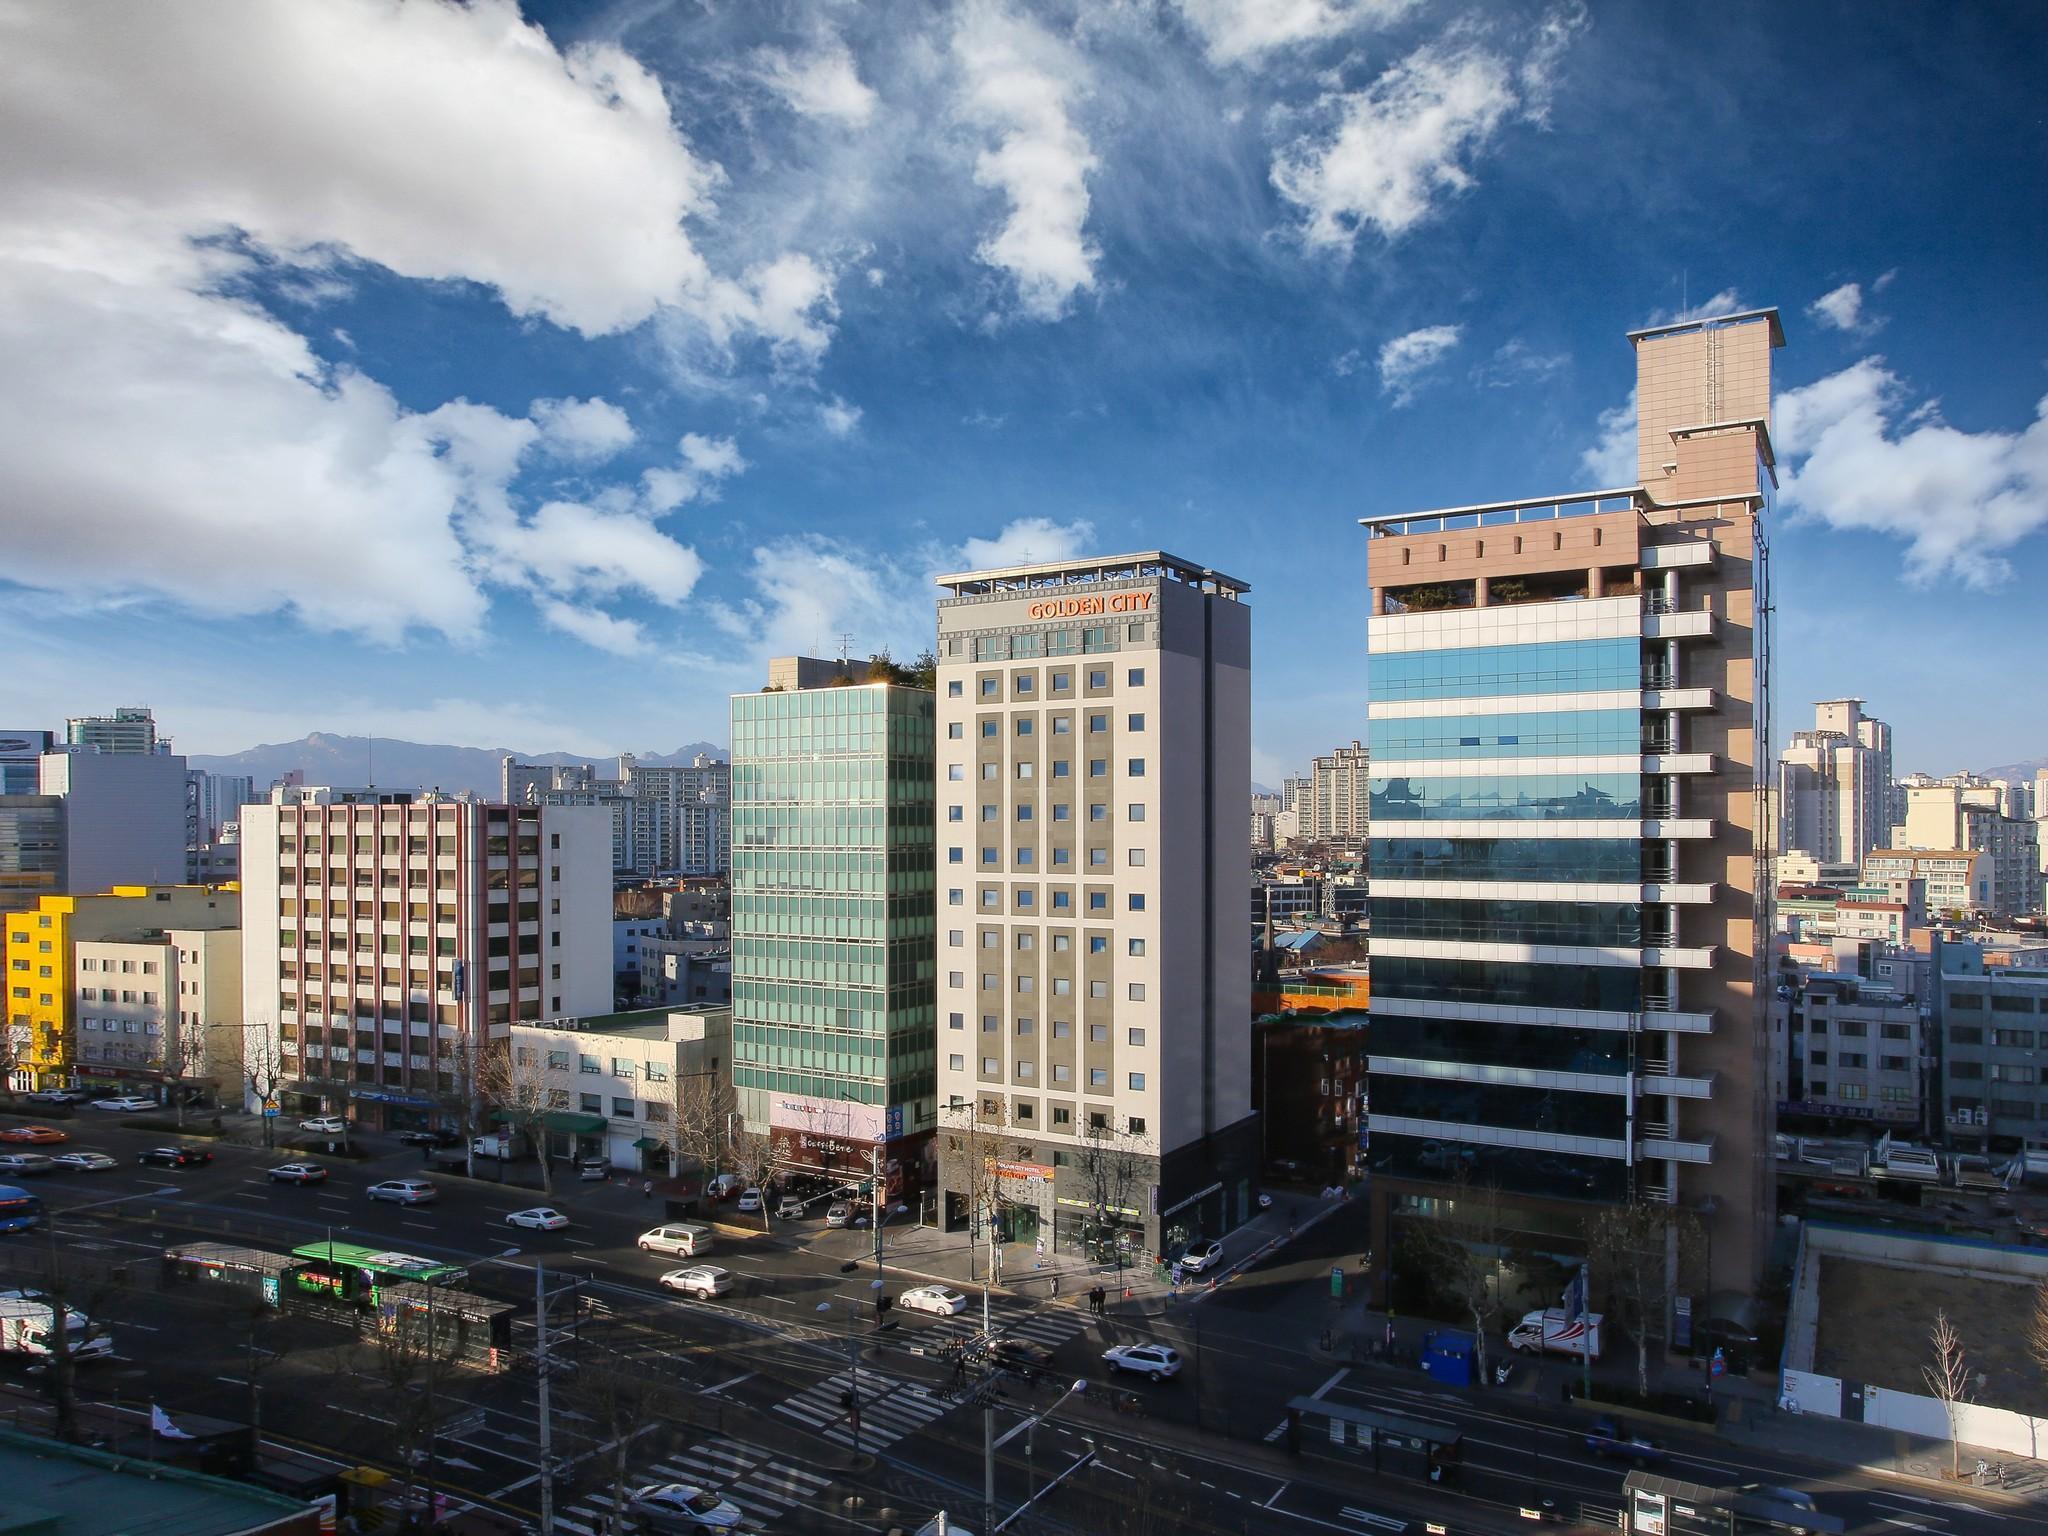 Dongdaemun Golden City Hotel